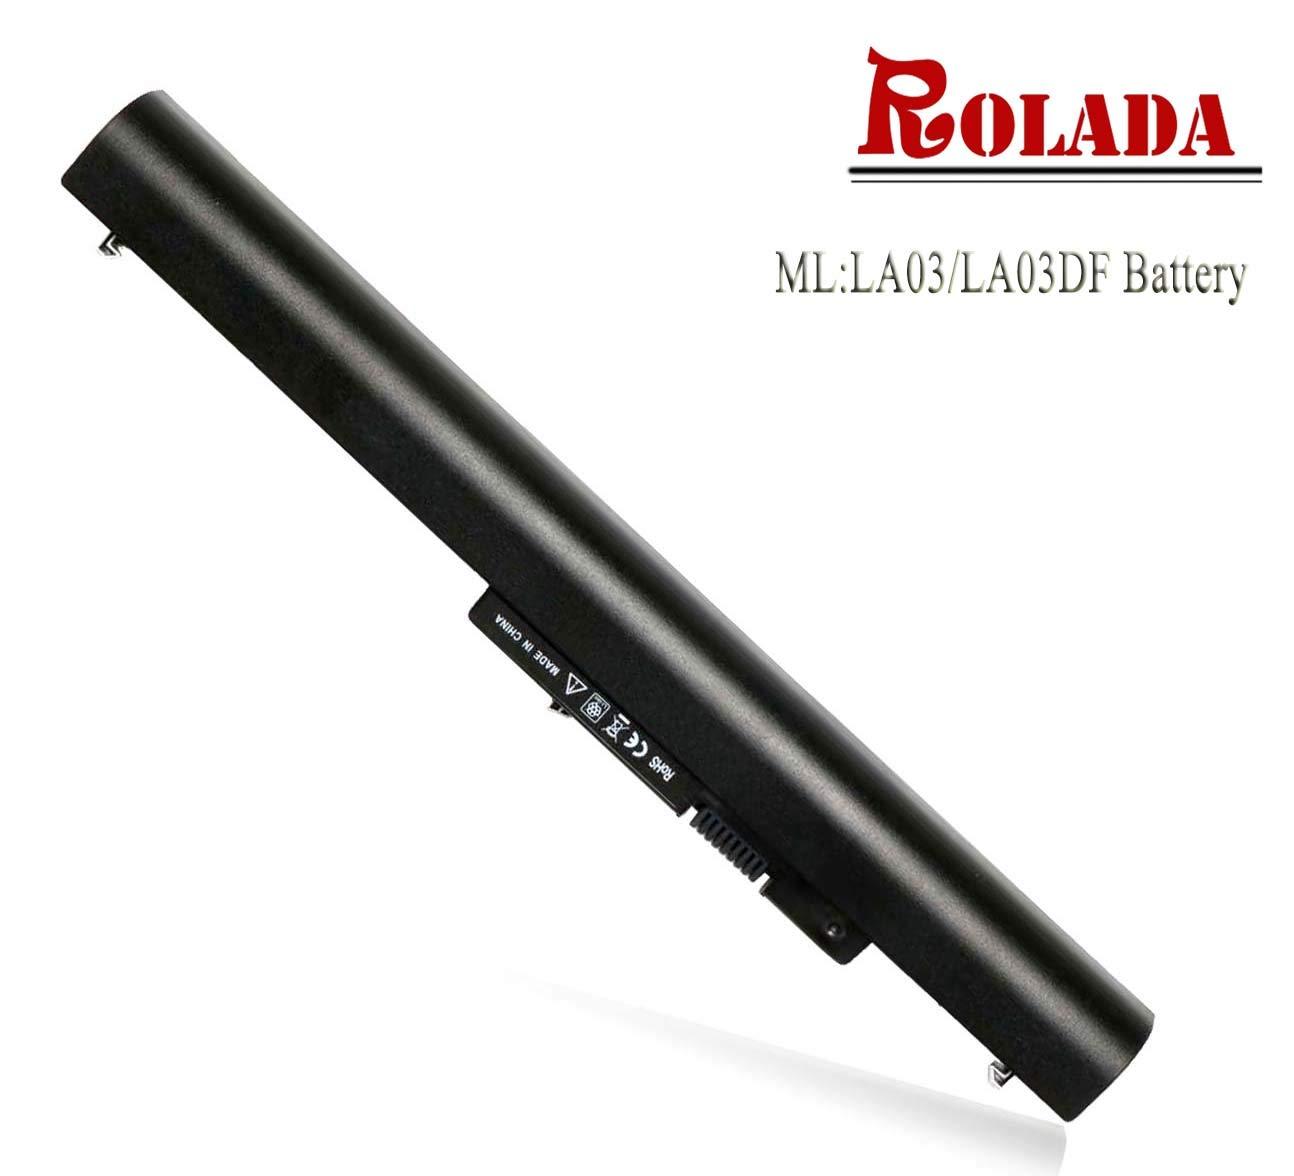 Bateria LA03 LA03DF LA03031DF para HP 15-F Series HP 14-Y Series 15-F004WM 15-F001XX 15-F003DX HSTNN-DB6N HSTNN-IB6R 776